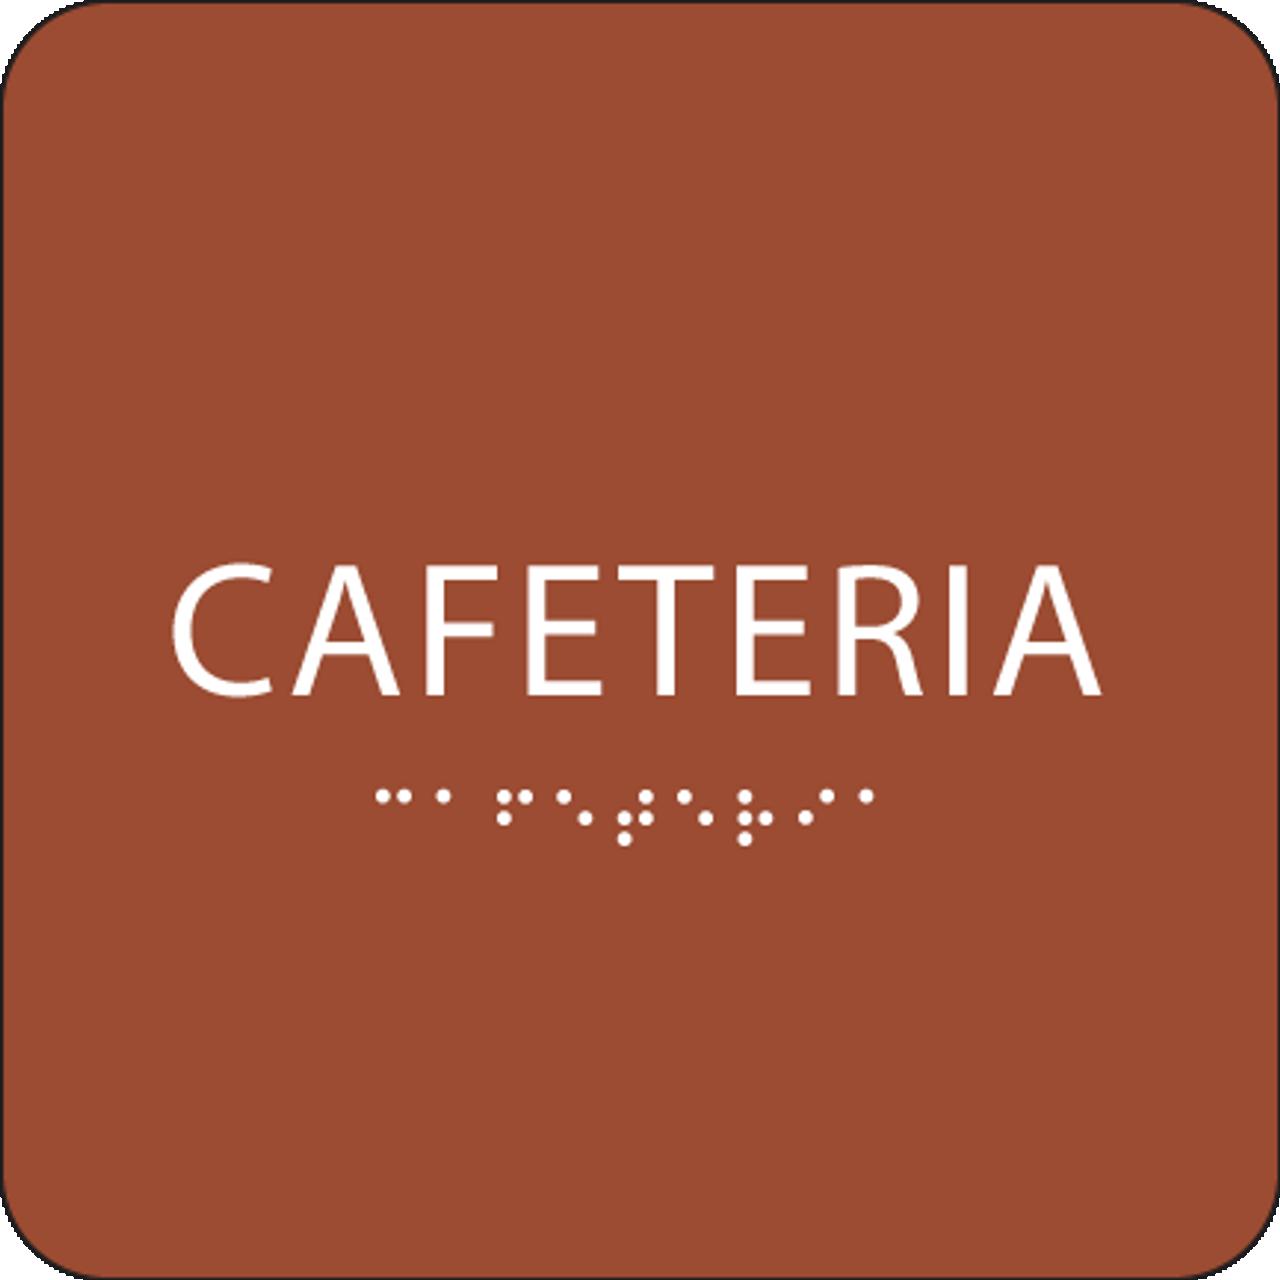 Orange Cafeteria ADA Sign